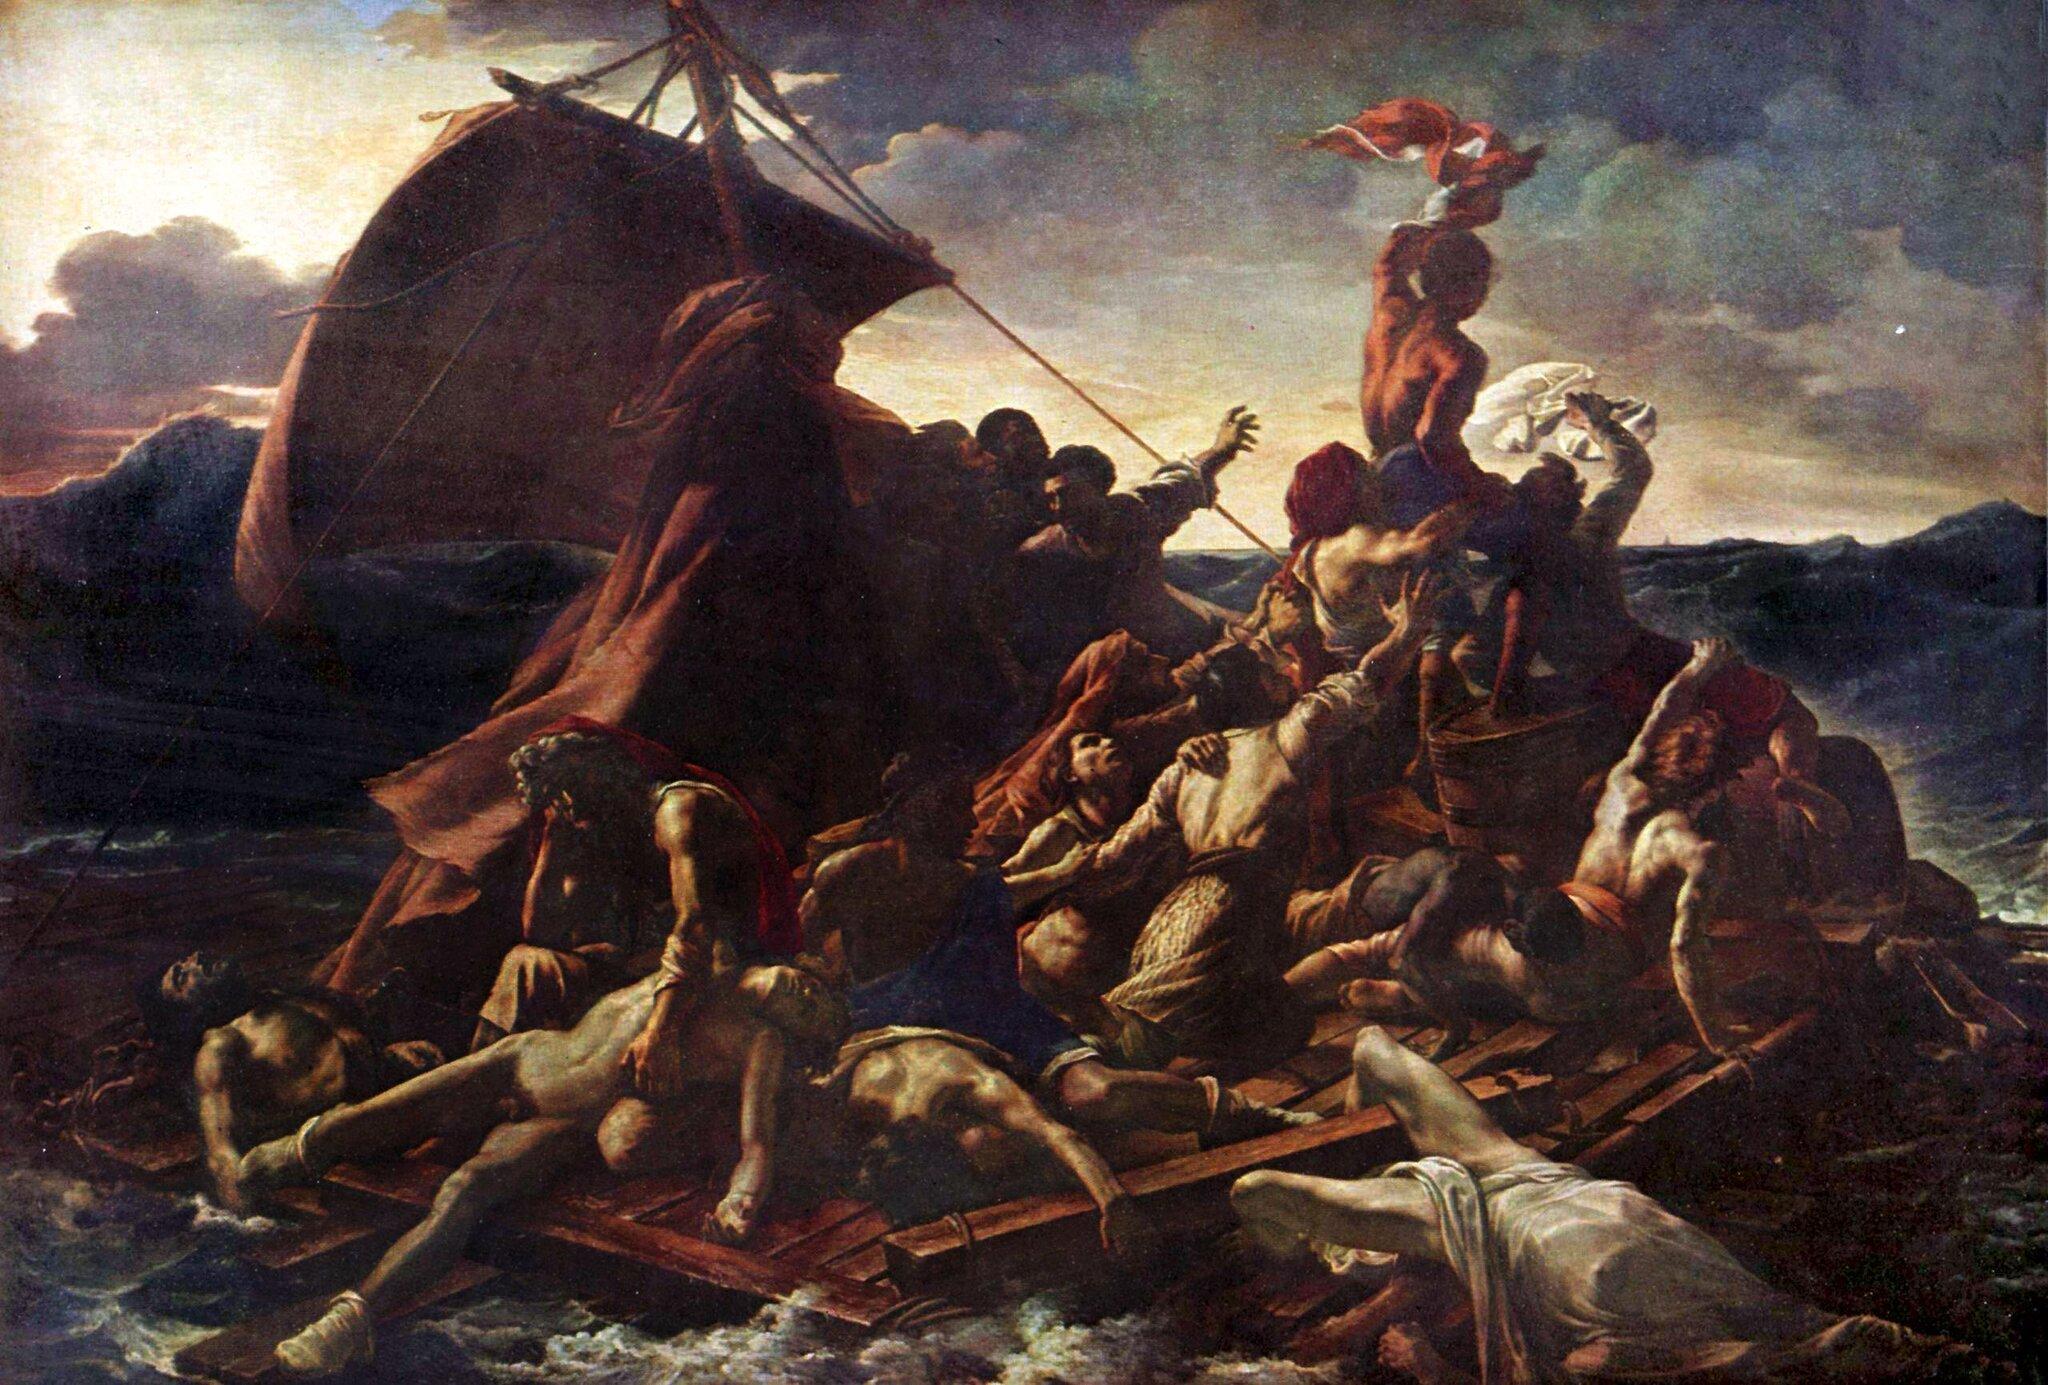 """Tratwa """"Meduzy""""  Źródło: Théodore Géricault, Tratwa """"Meduzy"""", 1818–1819, olej na płótnie, Musée du Louvre, Paryż, domena publiczna."""